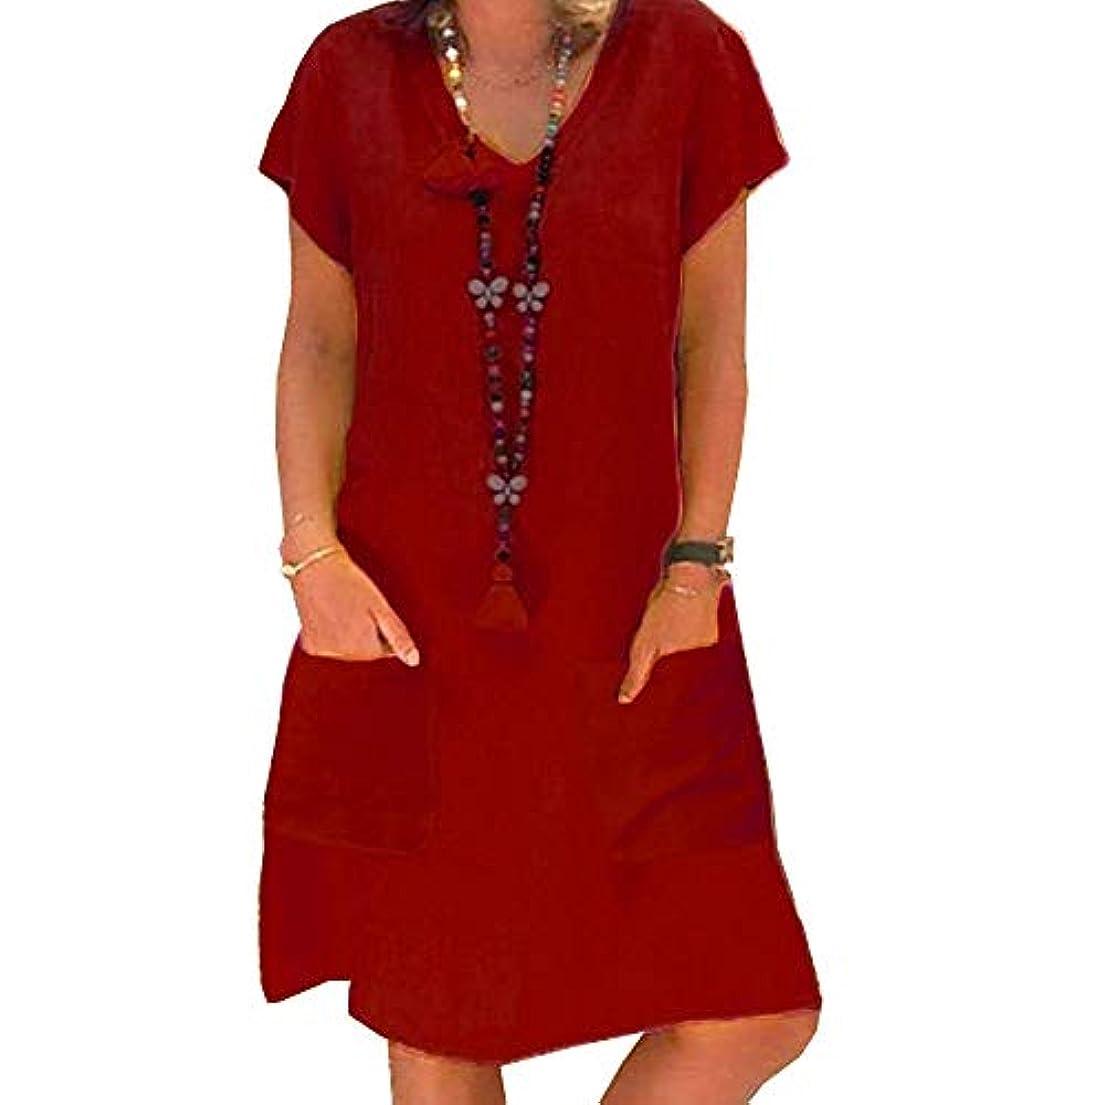 レプリカスカルク愛するMIFAN プラスサイズ、リネンドレス、サマードレス、カジュアルドレス、ルーズドレス、Vネック、半袖、ビーチドレス